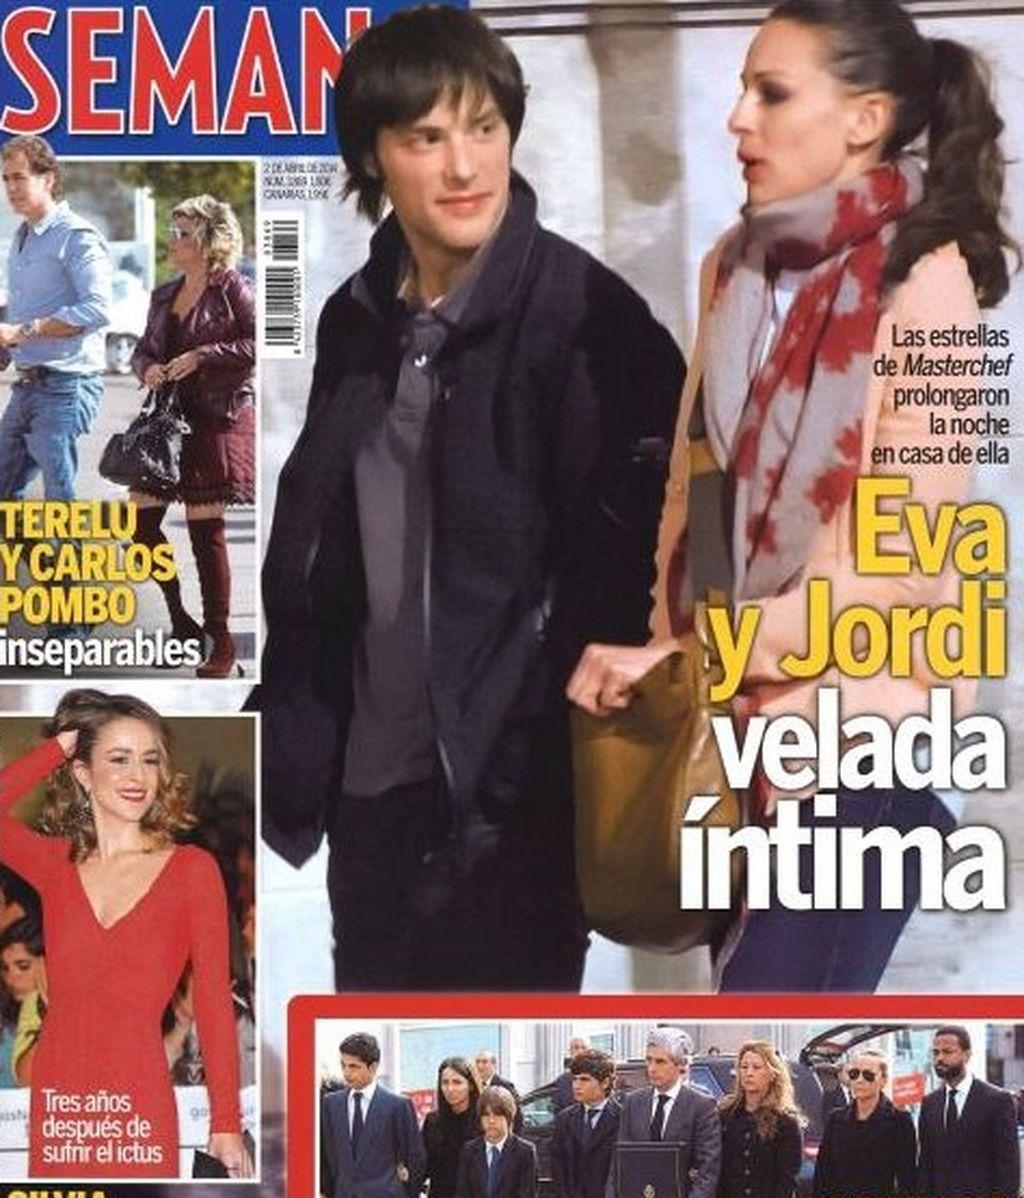 velada-intima-eva-gonzalez-jordi-cruz-semana_103_p3